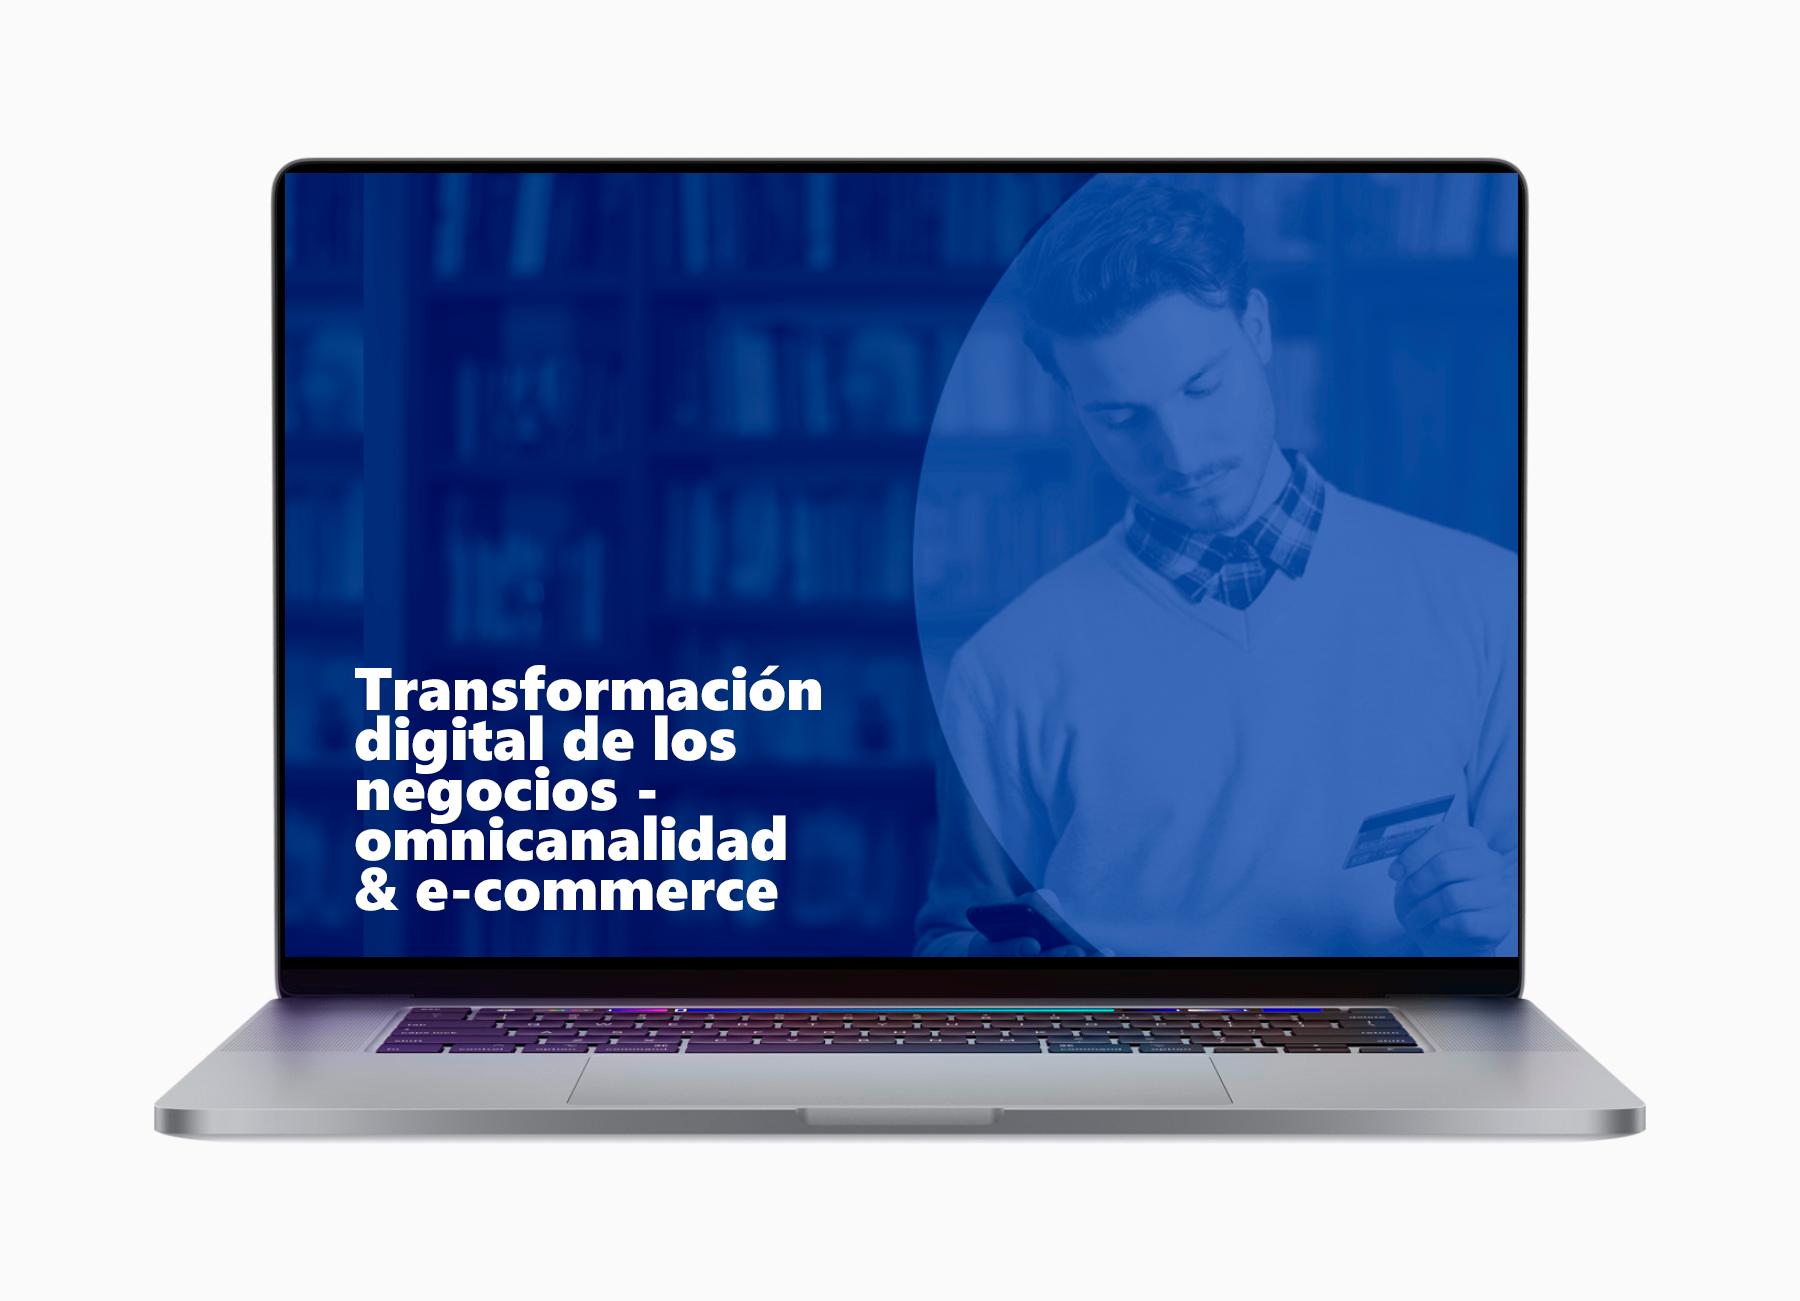 webinar-lap-Transformación-digital-de-los-negocios---omnicanalidad-&-e-commerce